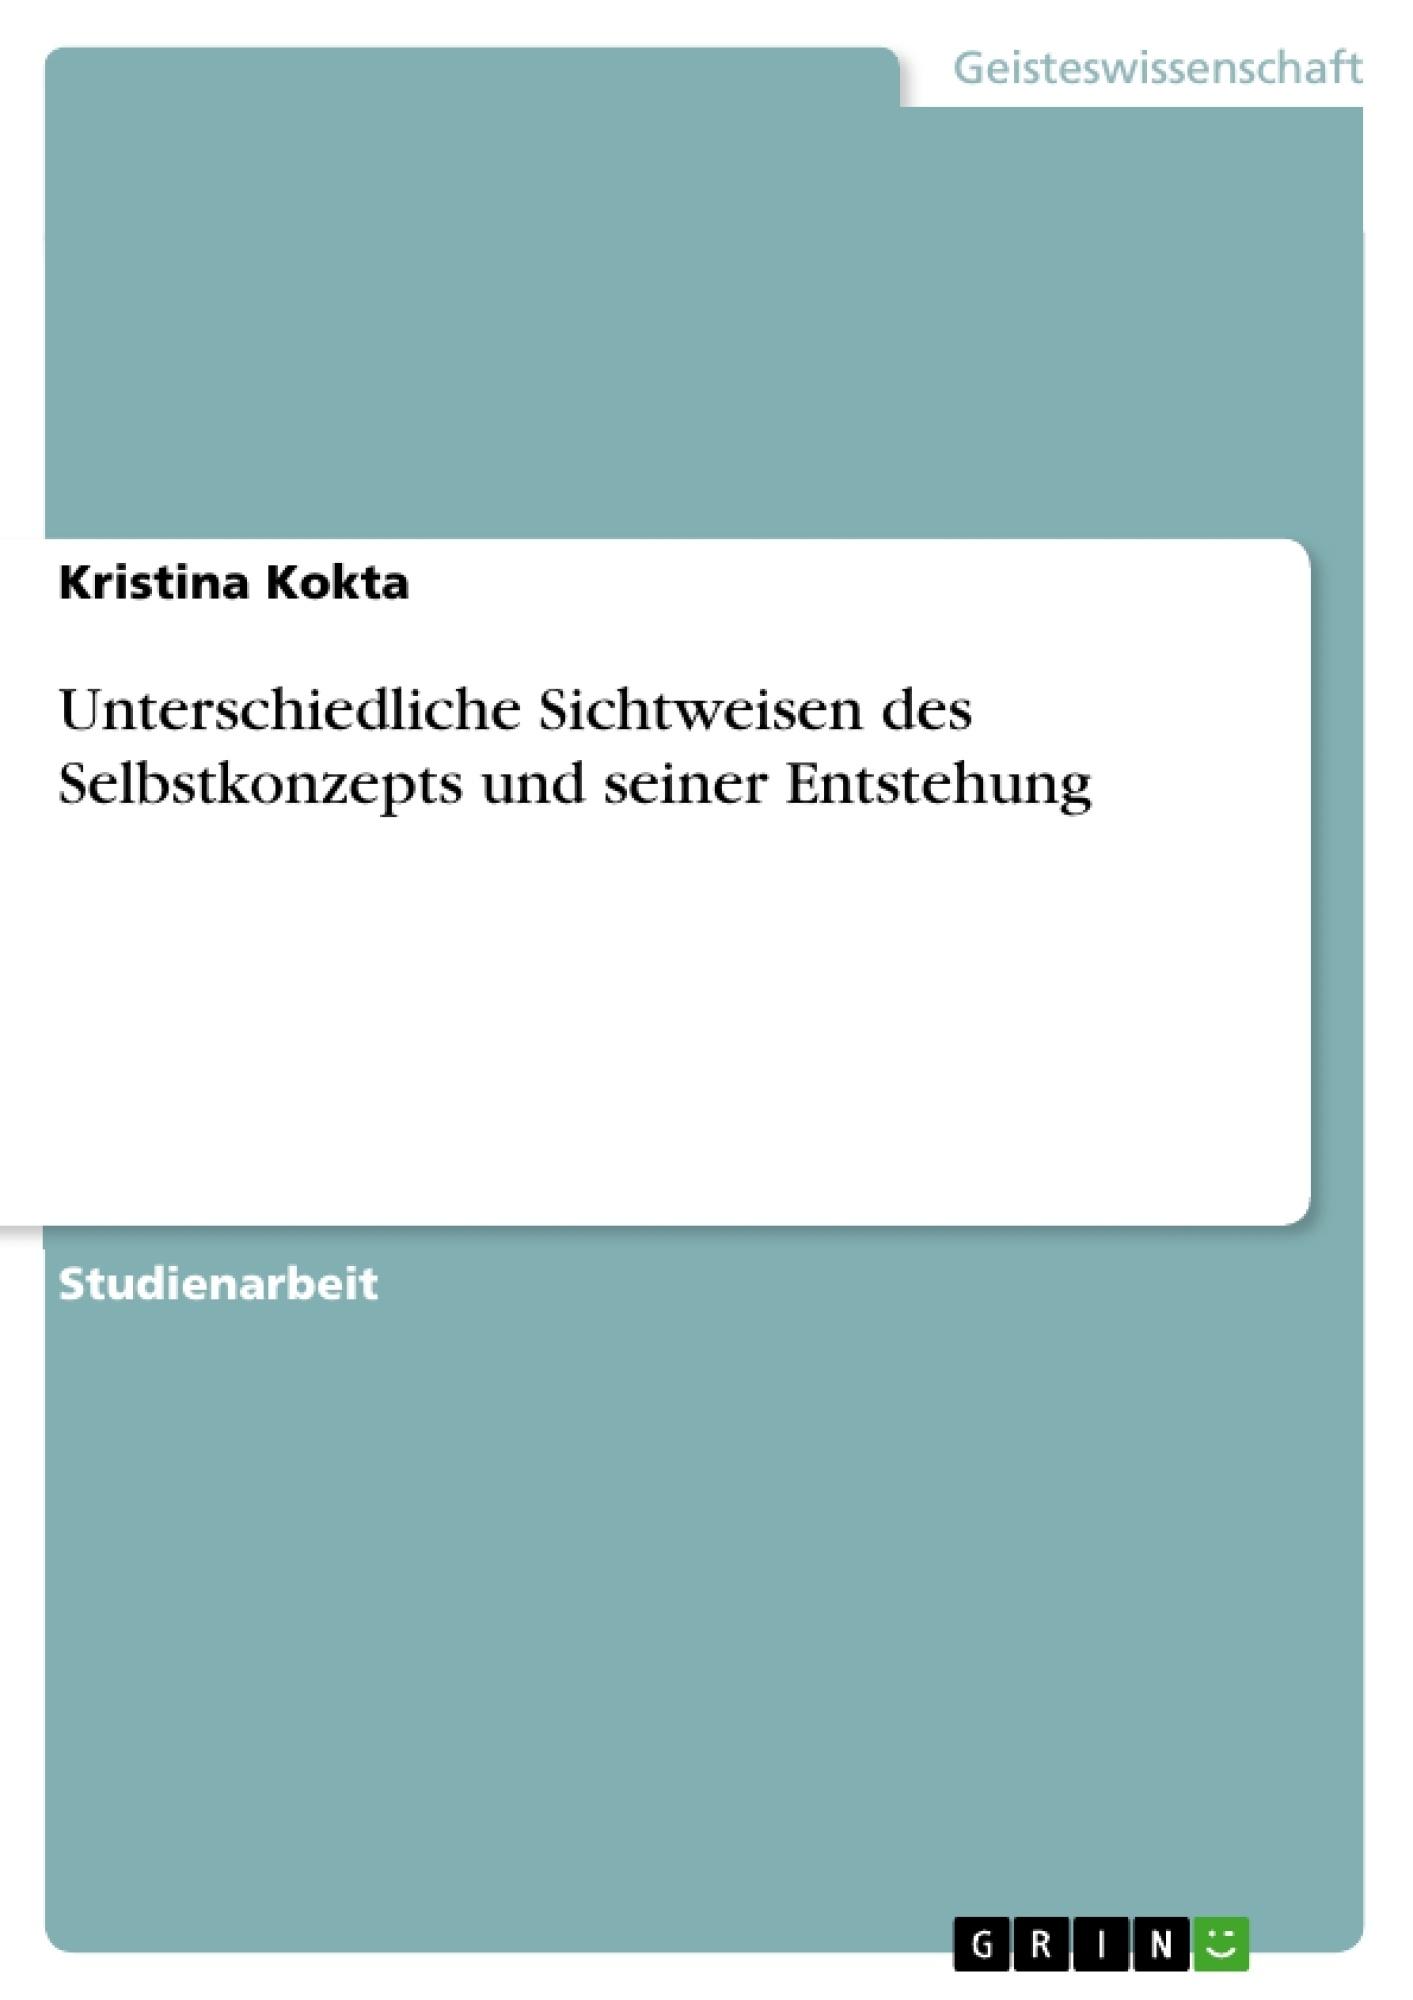 Titel: Unterschiedliche Sichtweisen des Selbstkonzepts und seiner Entstehung